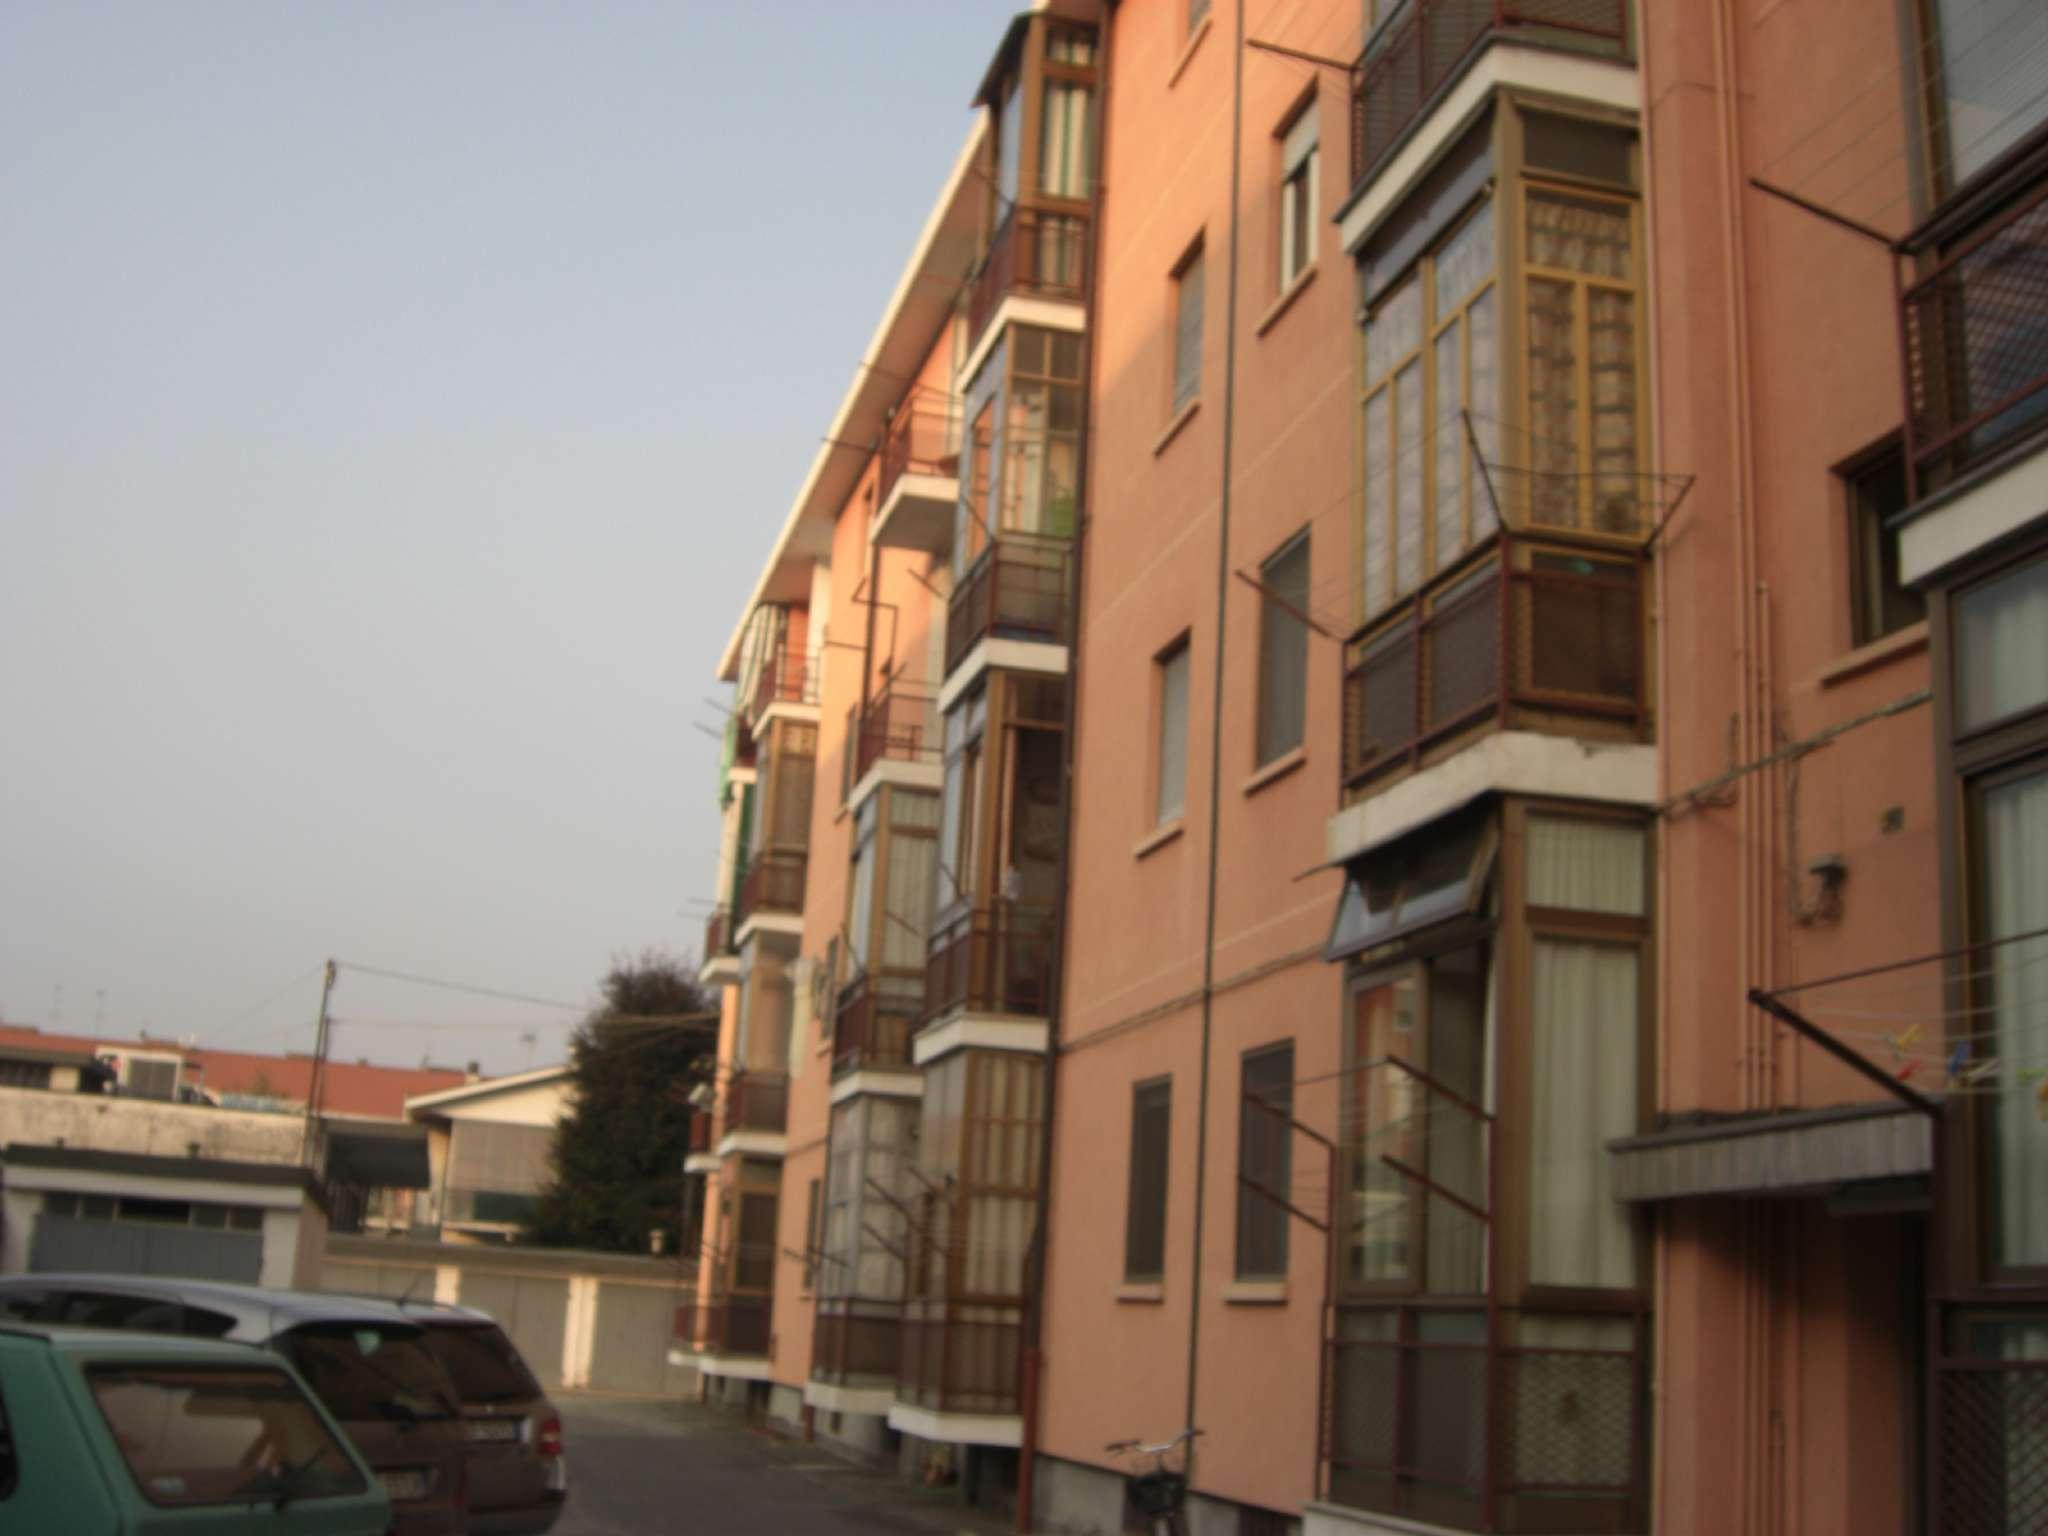 Appartamento in vendita a Settimo Torinese, 4 locali, prezzo € 80.000 | CambioCasa.it